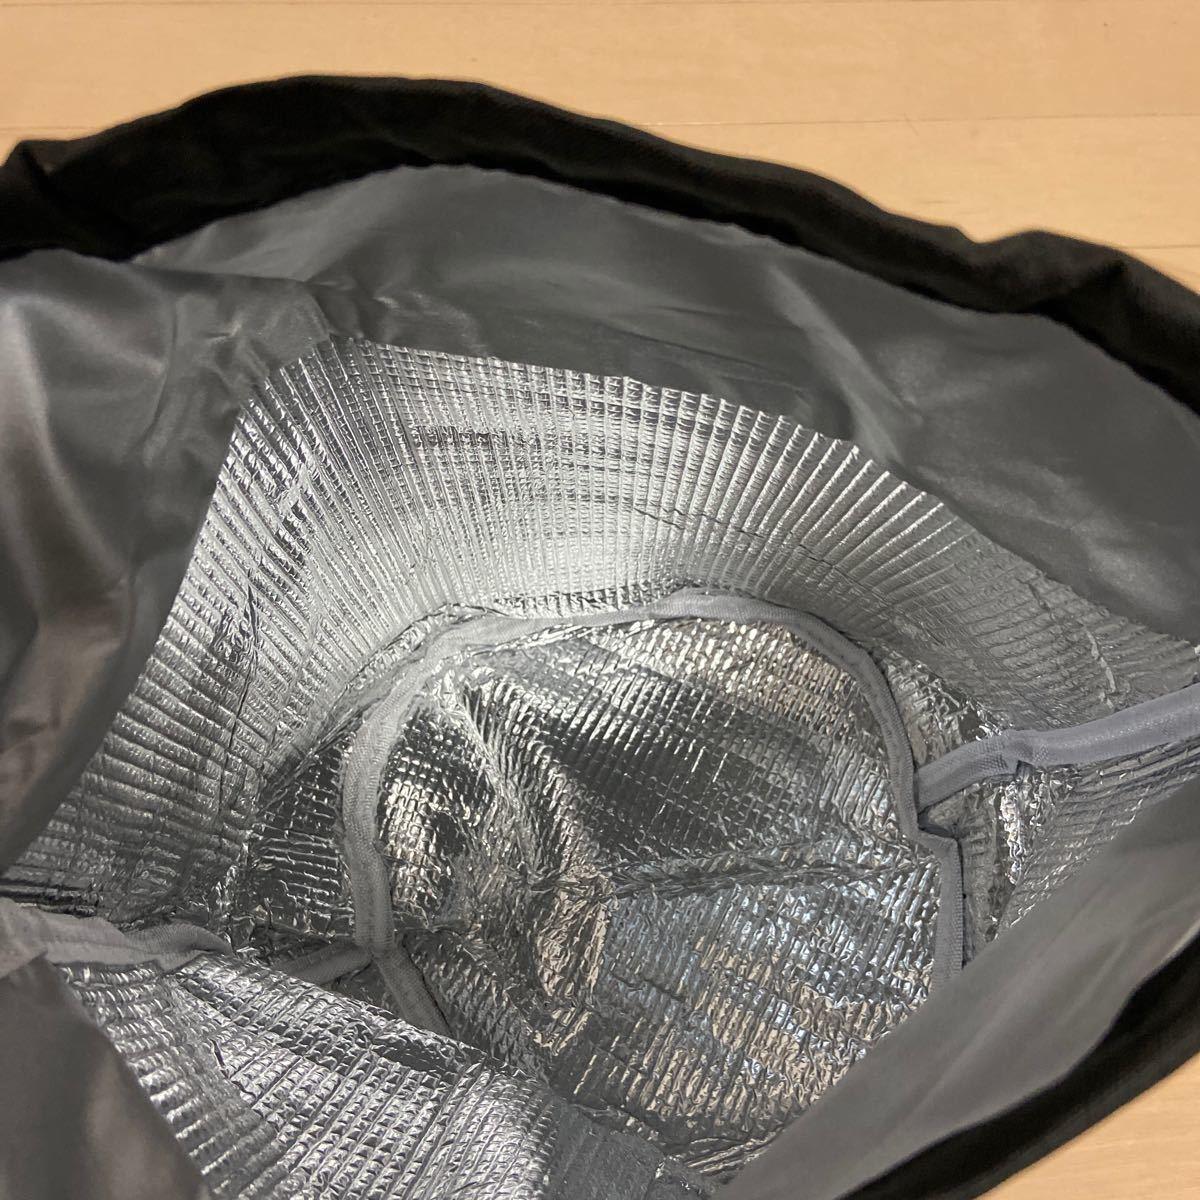 トートバッグ&保冷保温巾着ポーチセット 紀伊國屋 バック 手提げバック